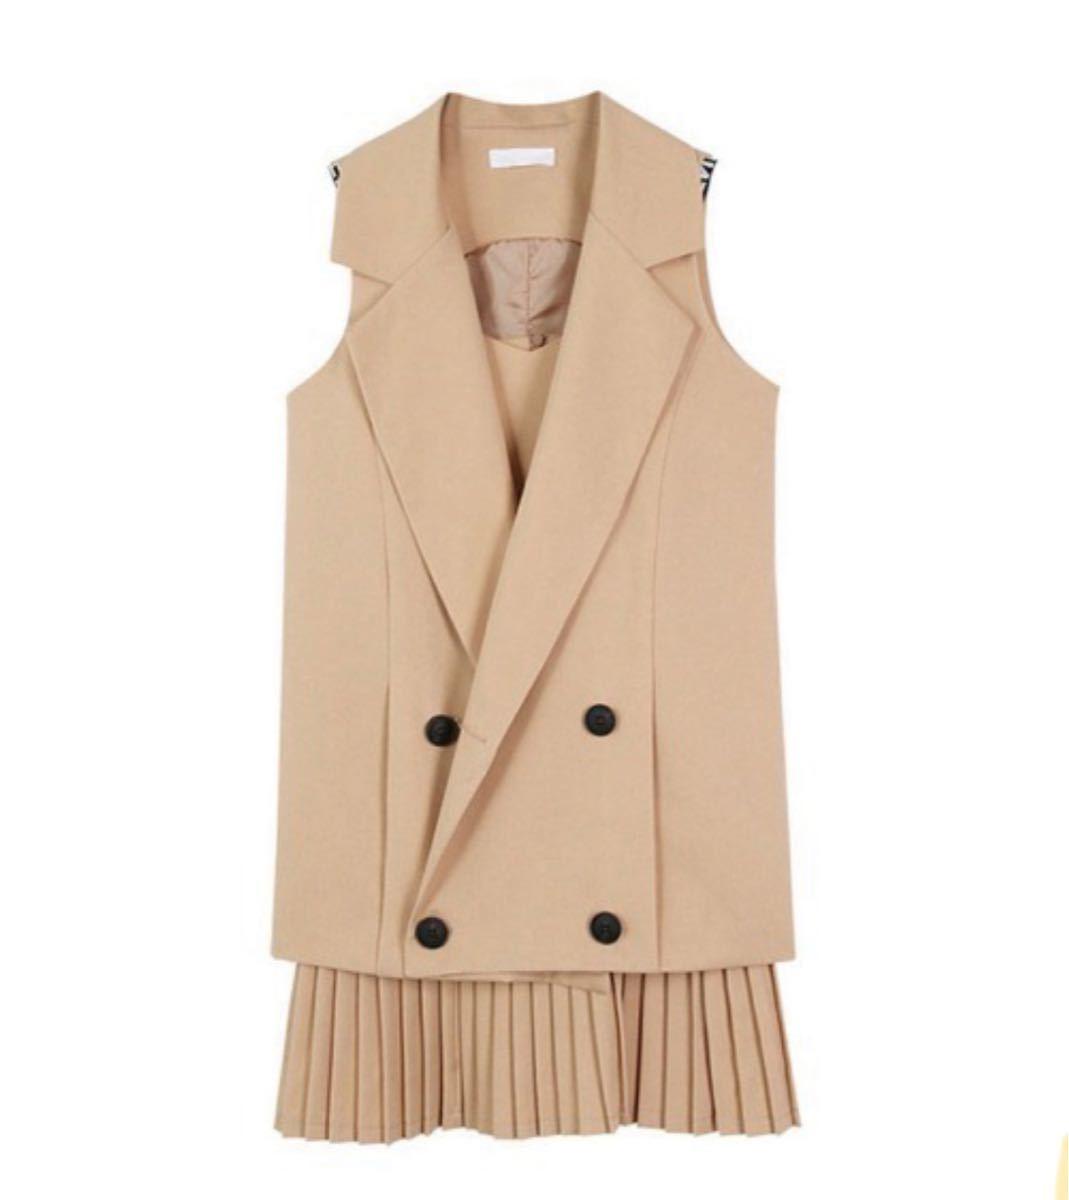 ジャケット テーラードジャケット おしゃれスタ すっきりシンプルノースリーブジャケット プリーツスカート セットアップ